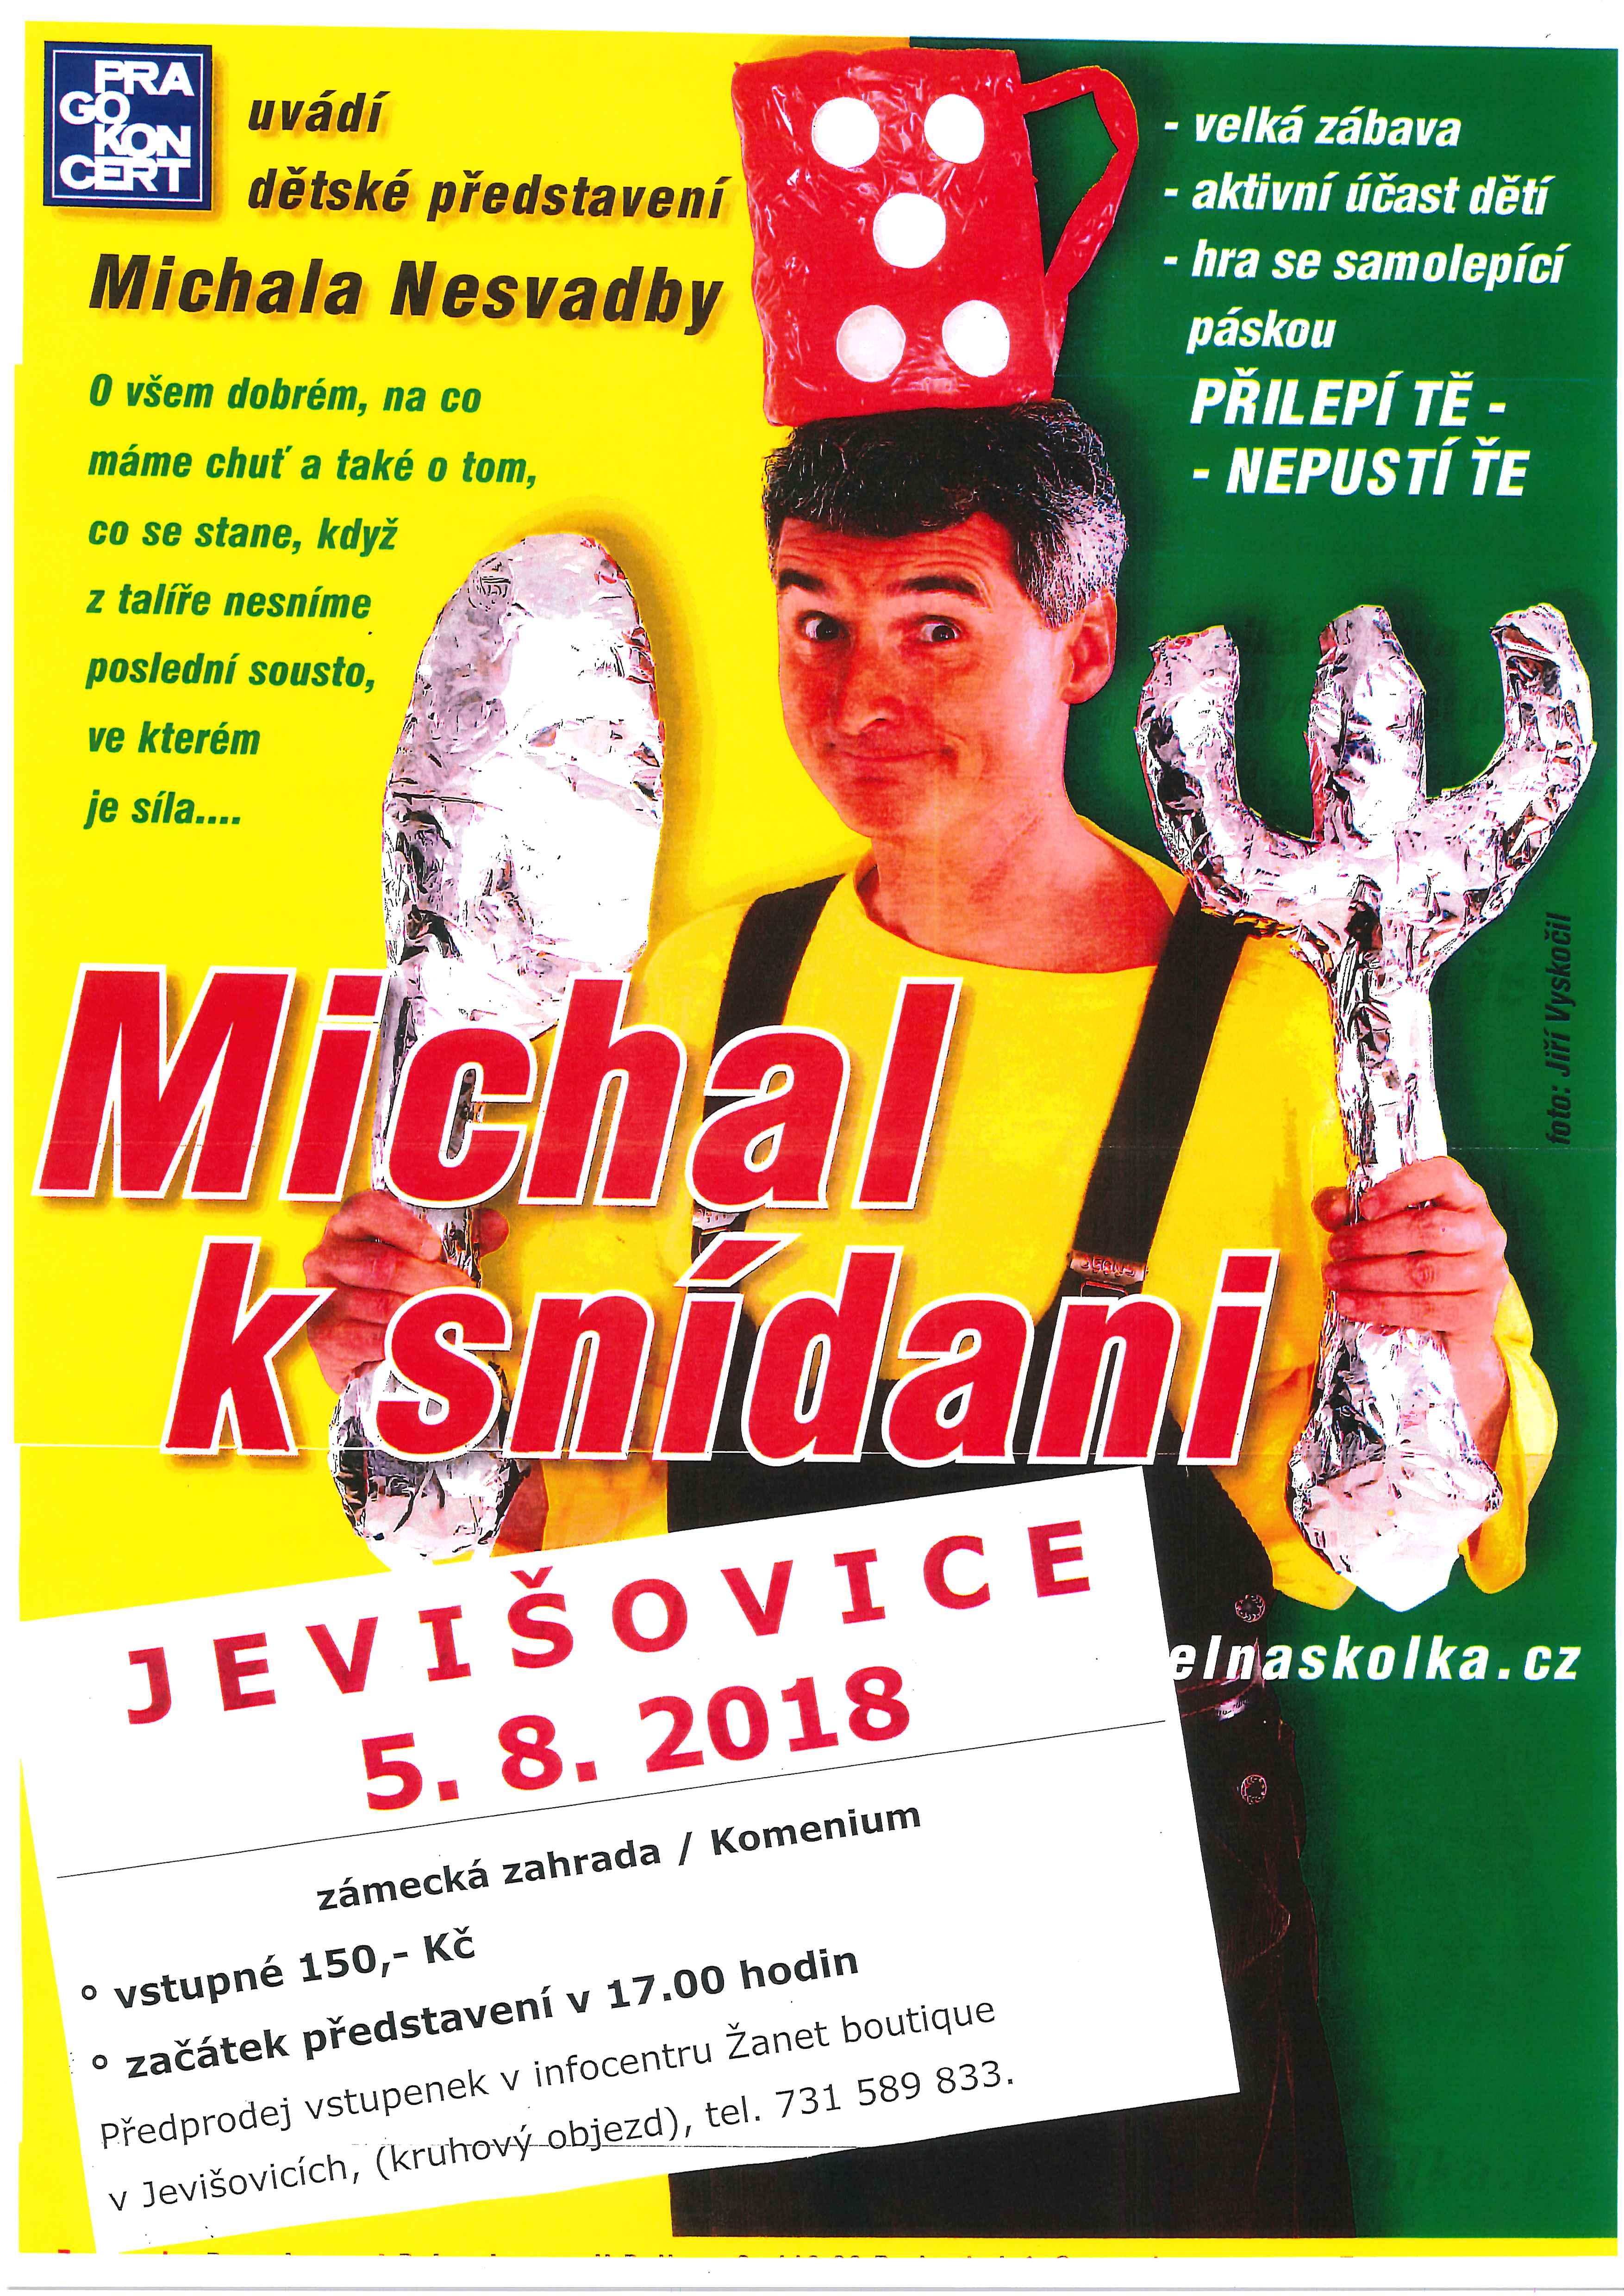 OBRÁZEK : plakat_sken.jpg